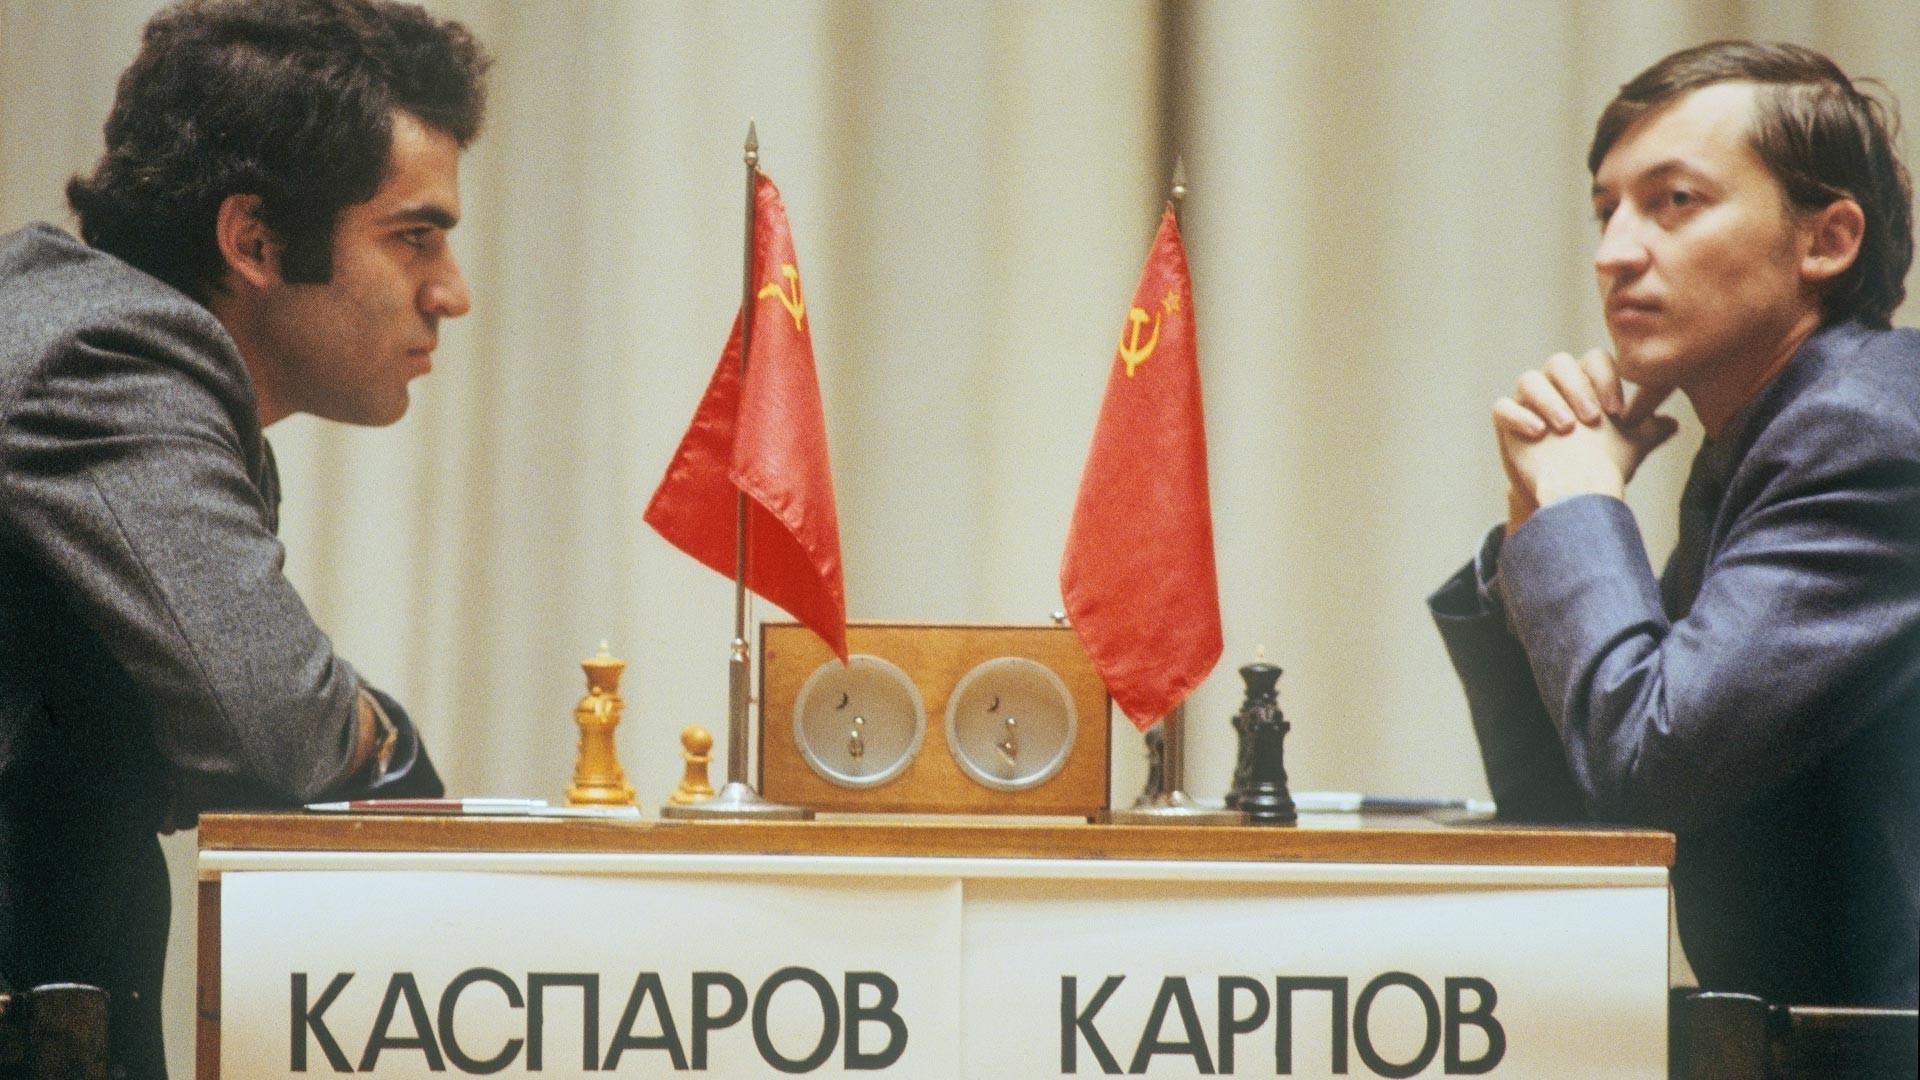 Kasparov vs Karpov, 1985.